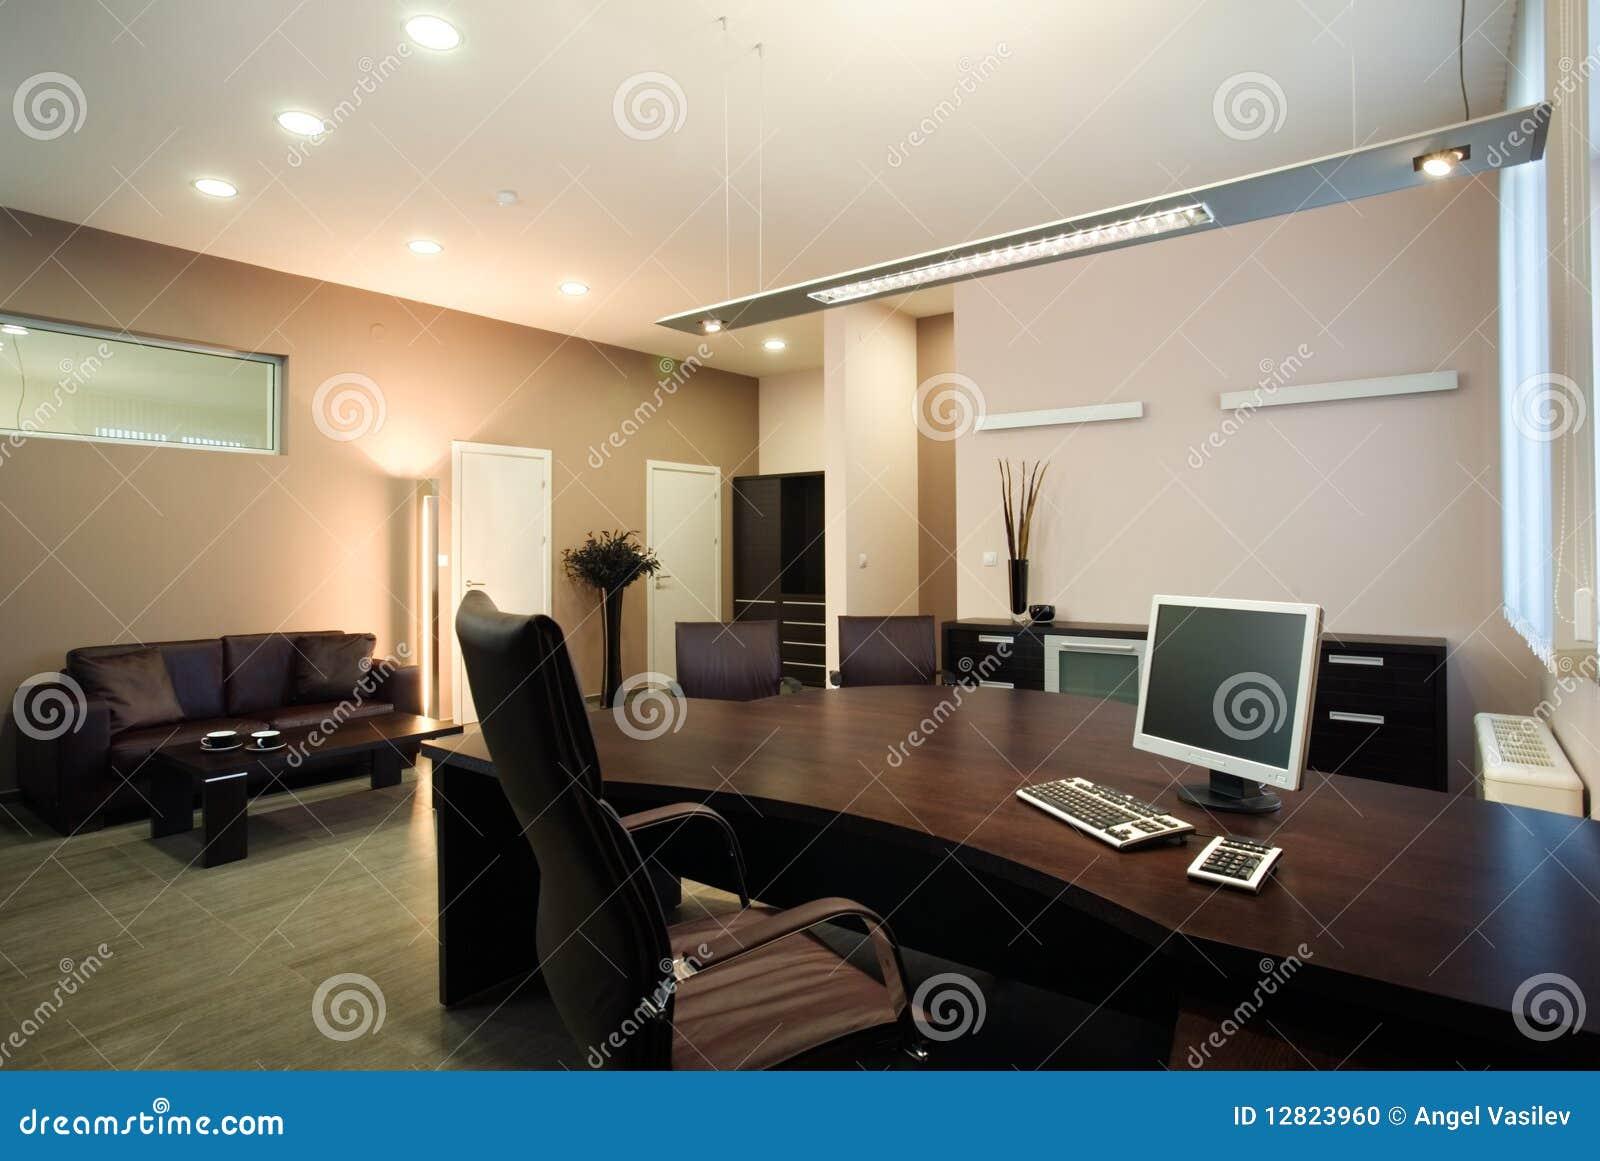 Dise o interior de la oficina elegante y de lujo foto de archivo imagen 12823960 - Small business space paint ...